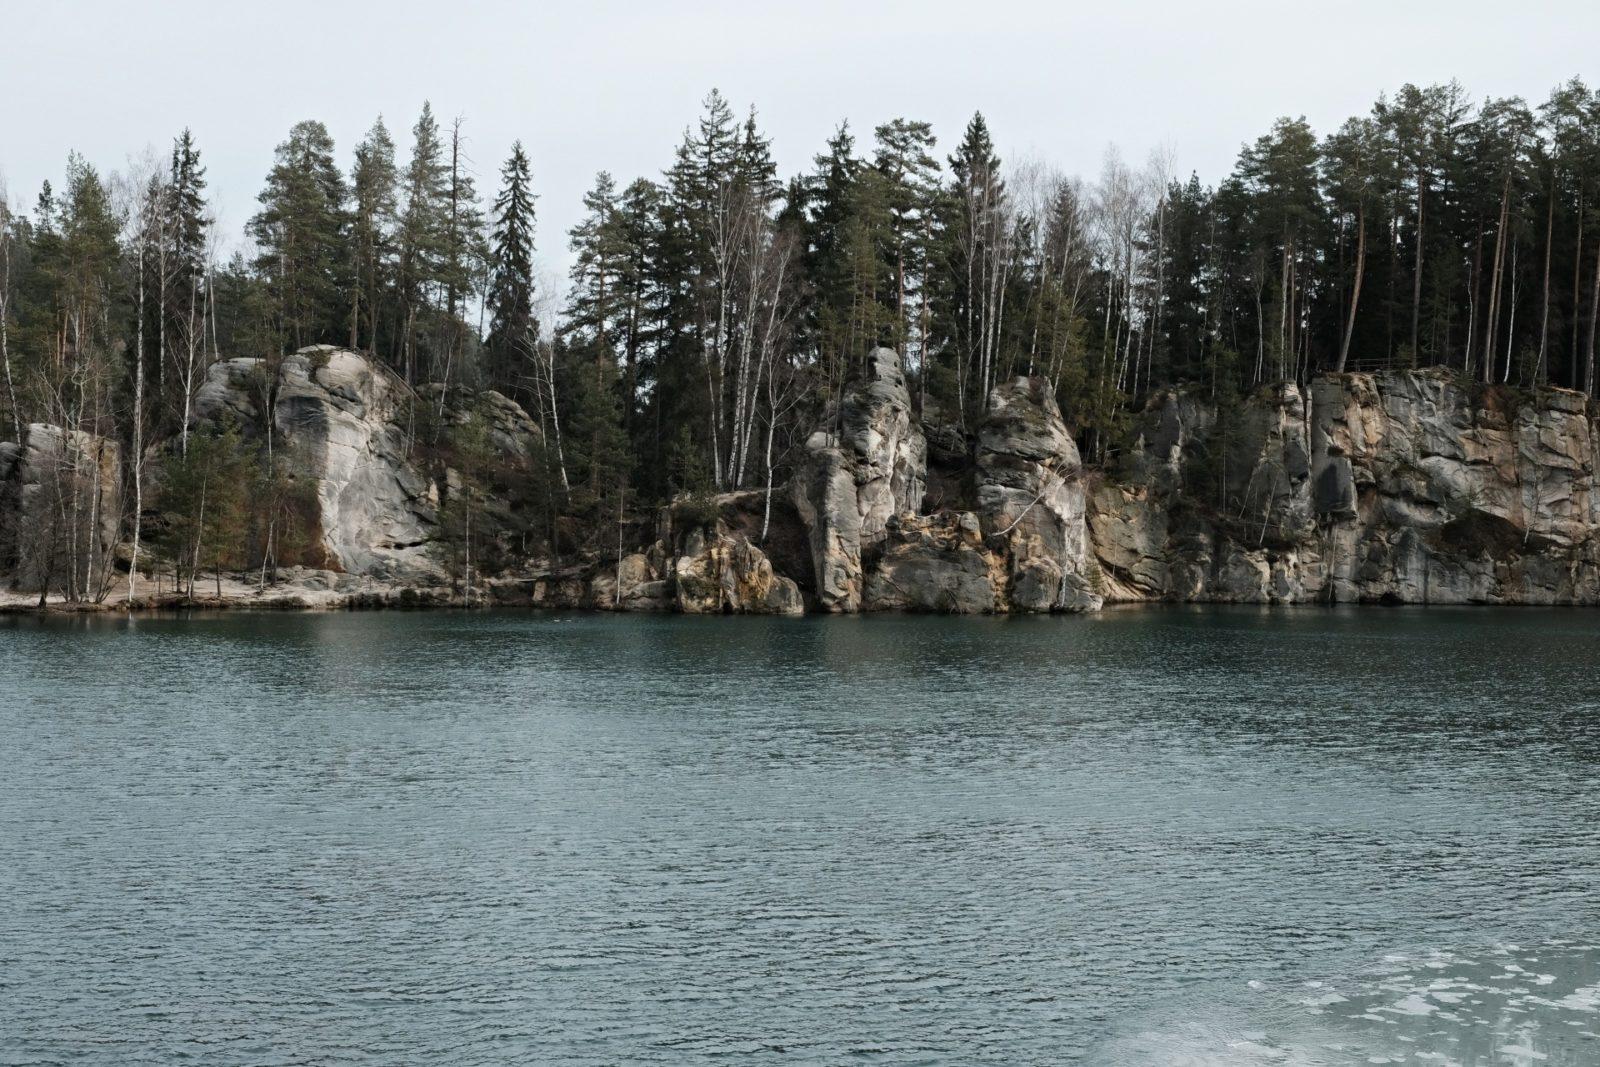 Adršpach, Skalne Miasto w Czechach, zalany kamieniołom, góry adrszpaskie